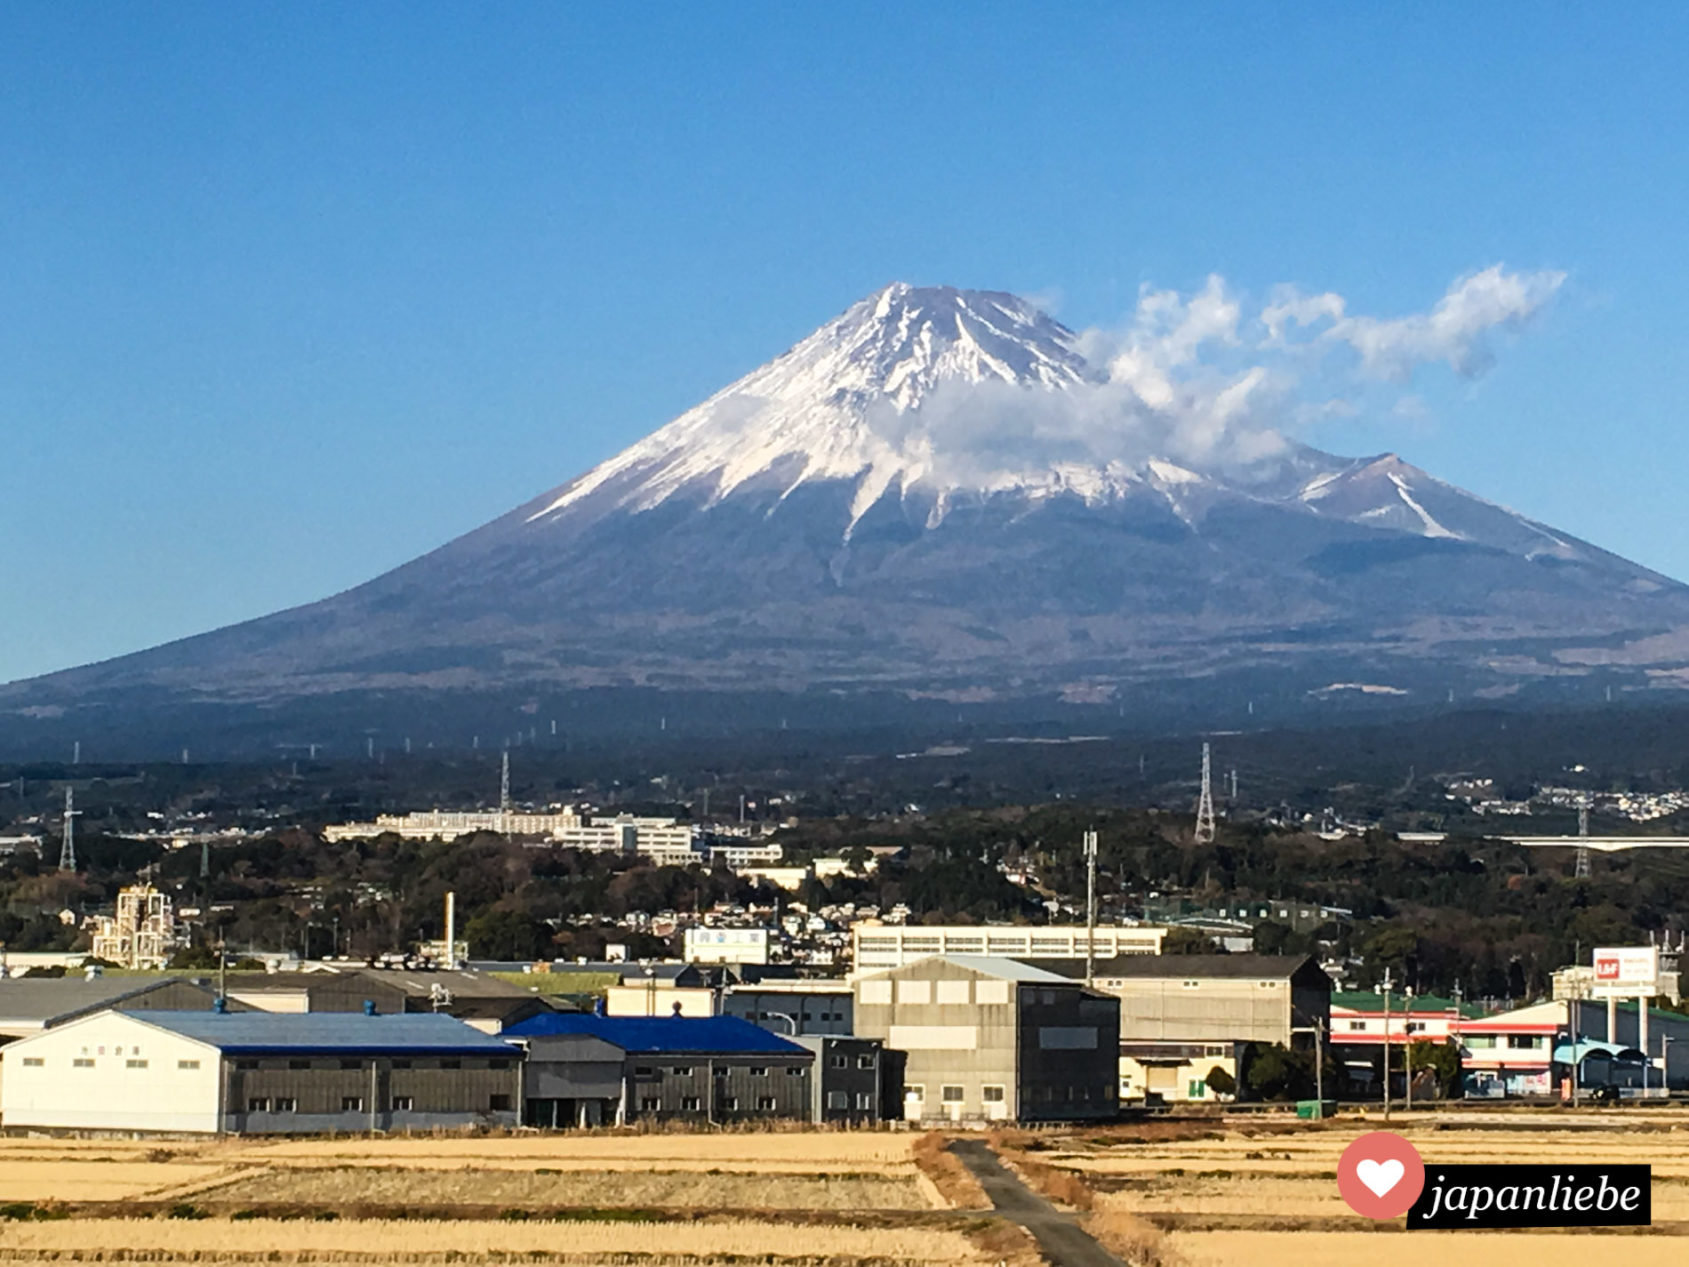 Der Fuji, Japans Wahrzeichen, vom Fenster des Shinkansen Schnellzugs aus fotografiert.